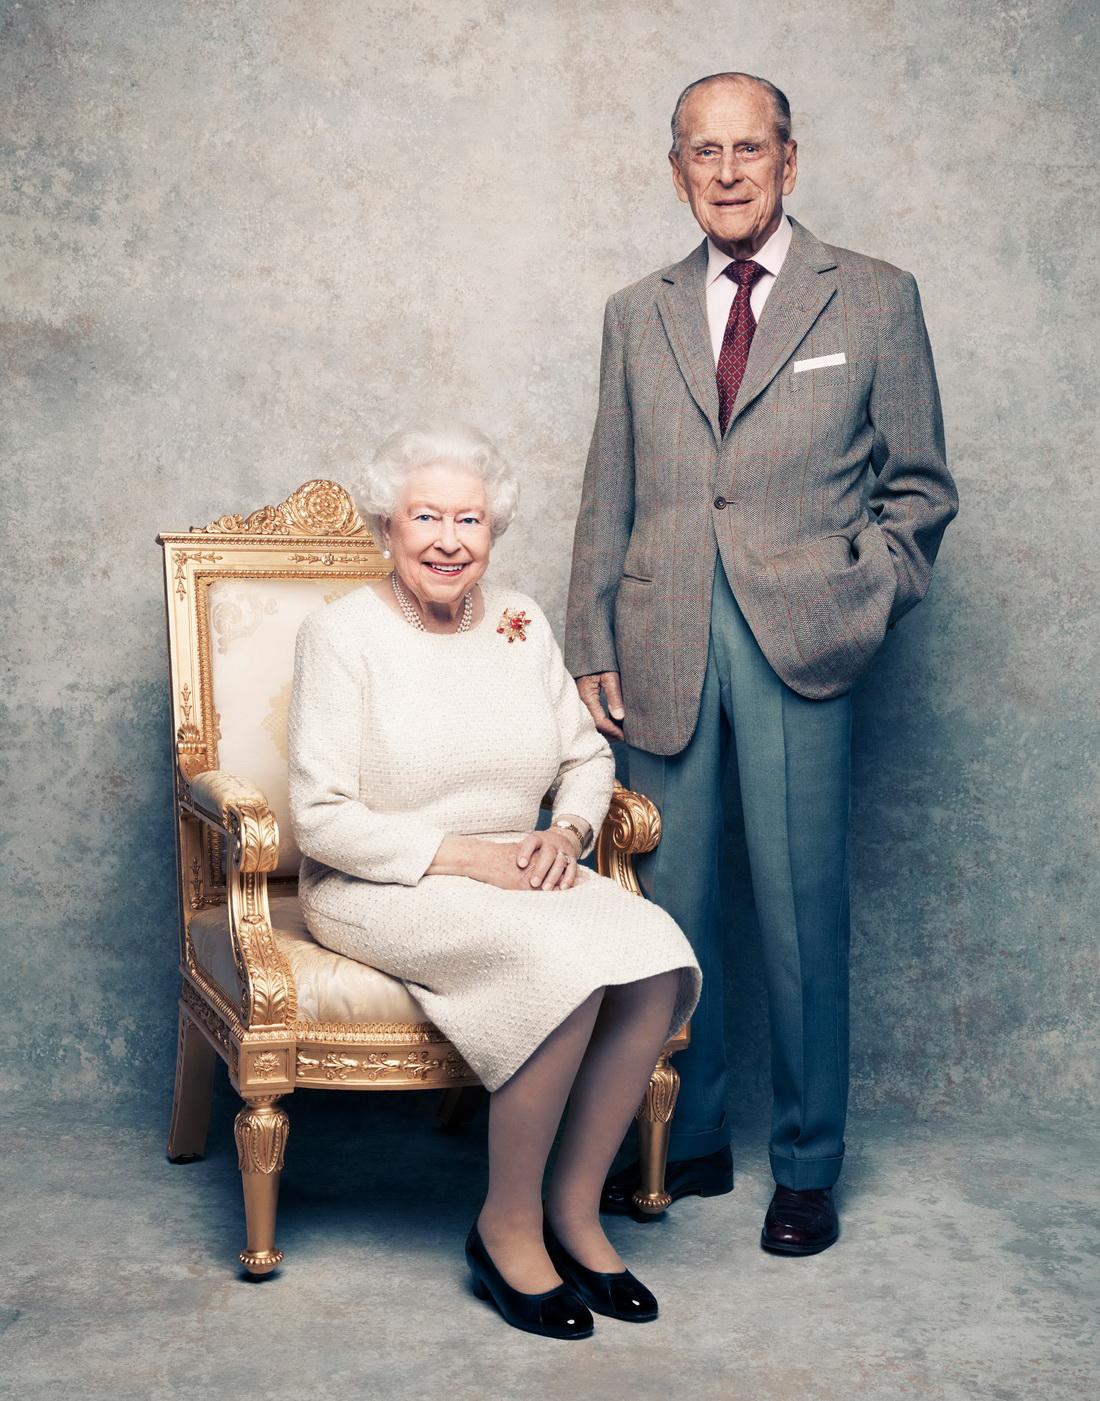 当地时间2017年11月18日,白金汉宫发布英女王伊丽莎白二世和菲利普亲王庆祝结婚70周年纪念合照。